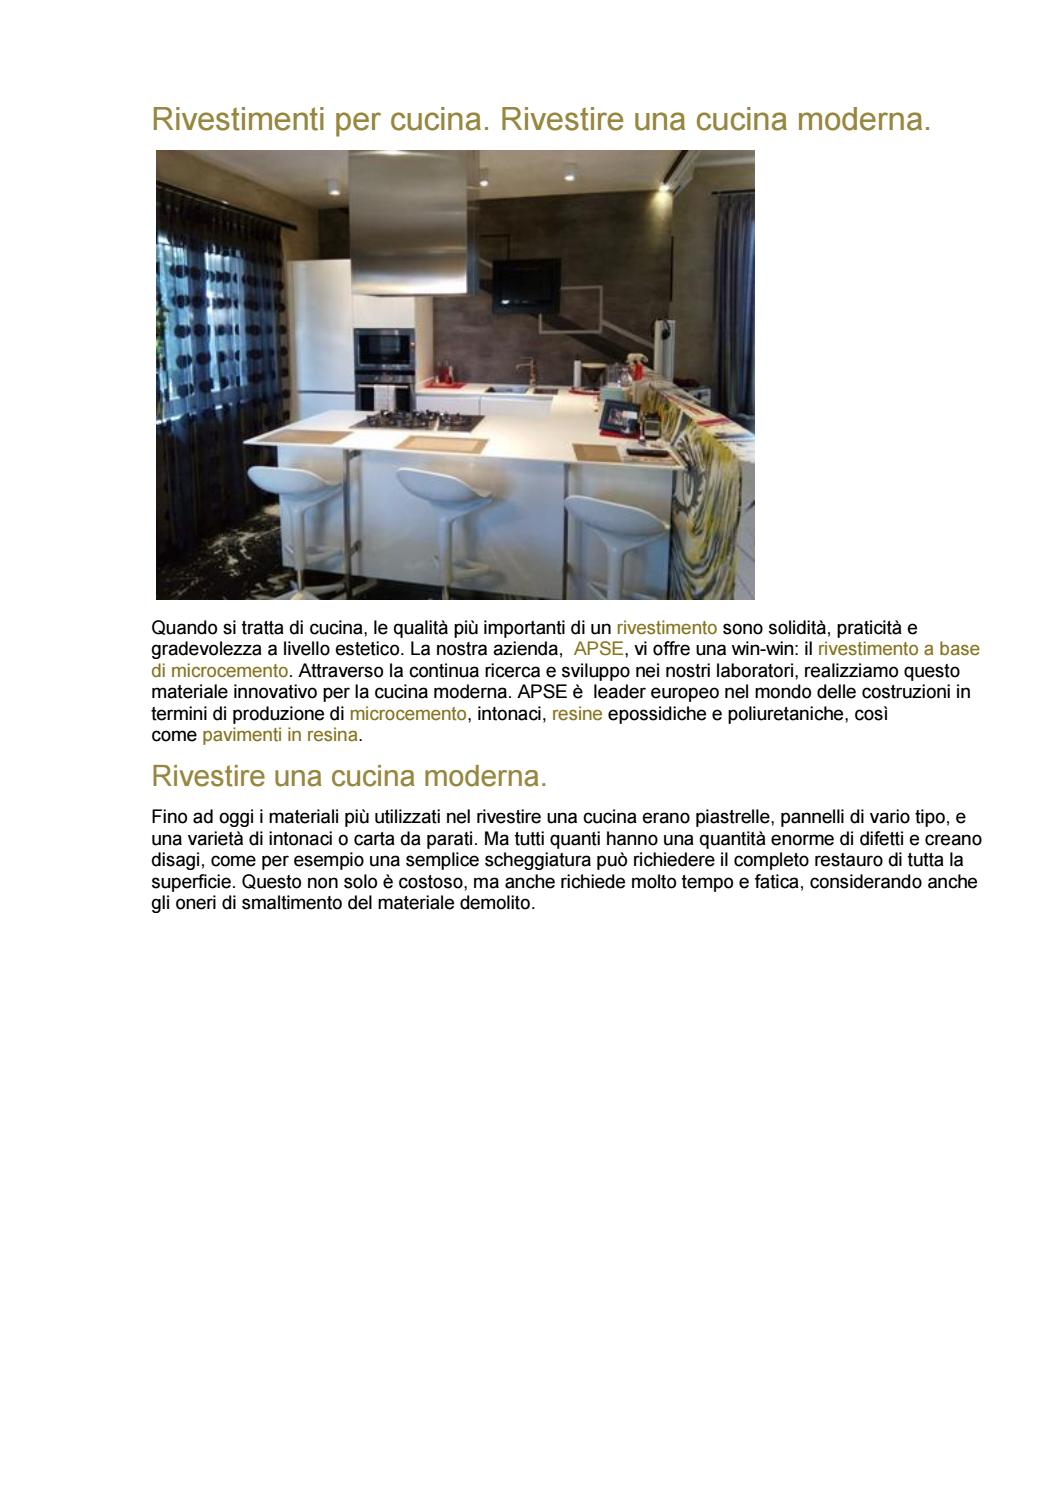 Coprire Piastrelle Cucina Con Pannelli rivestimenti per cucina by minirasex - issuu